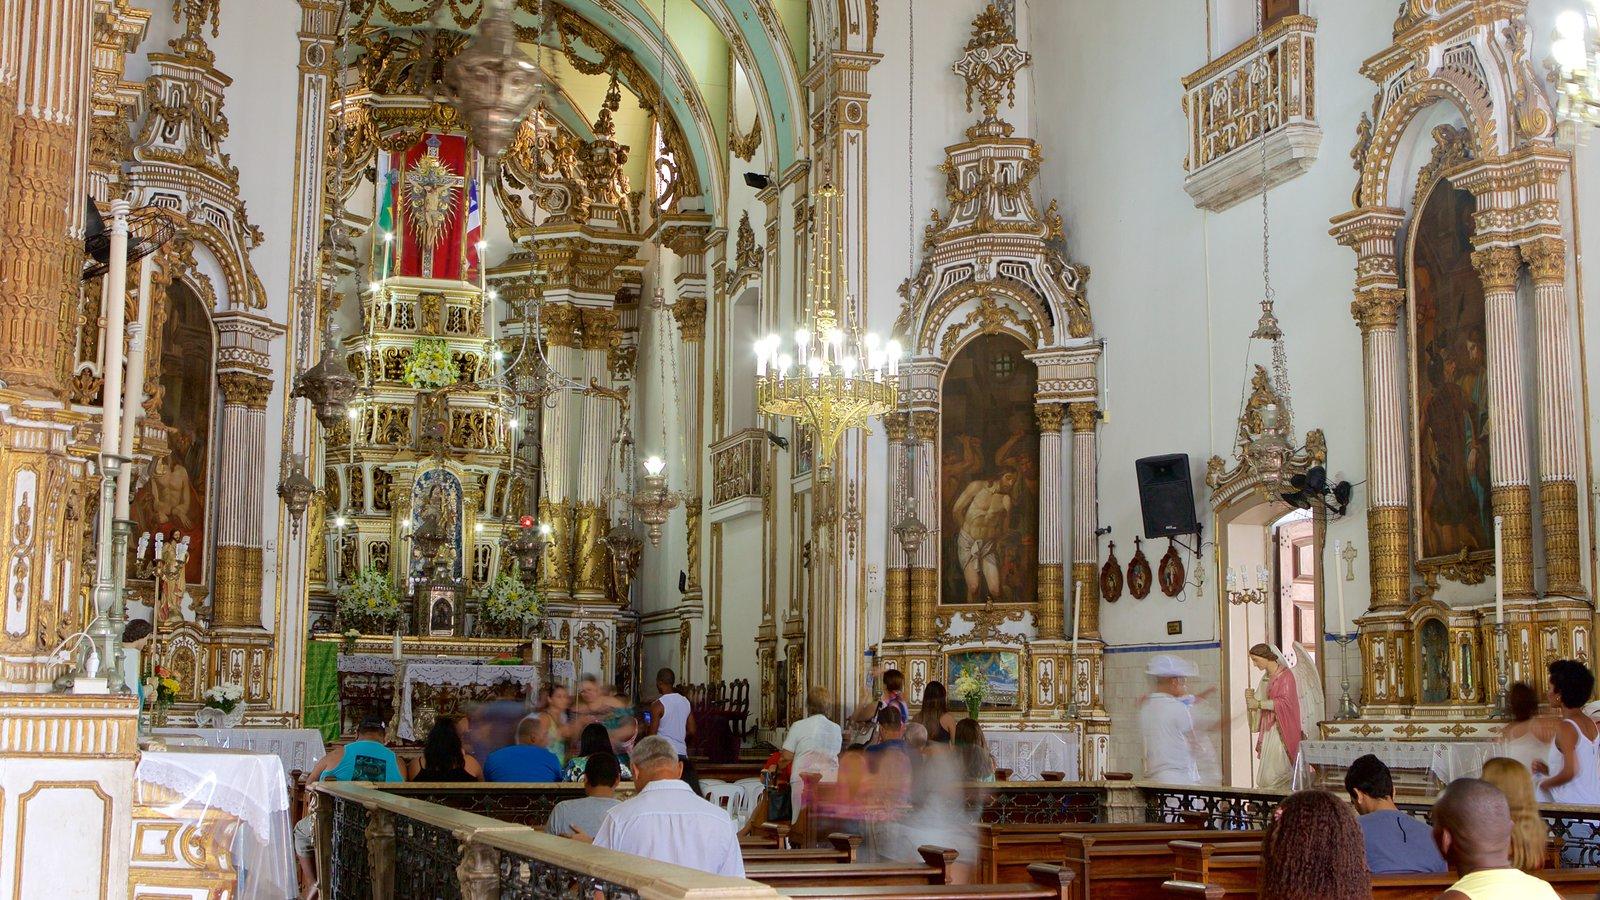 Igreja do Nosso Senhor do Bonfim que inclui elementos religiosos, vistas internas e uma igreja ou catedral